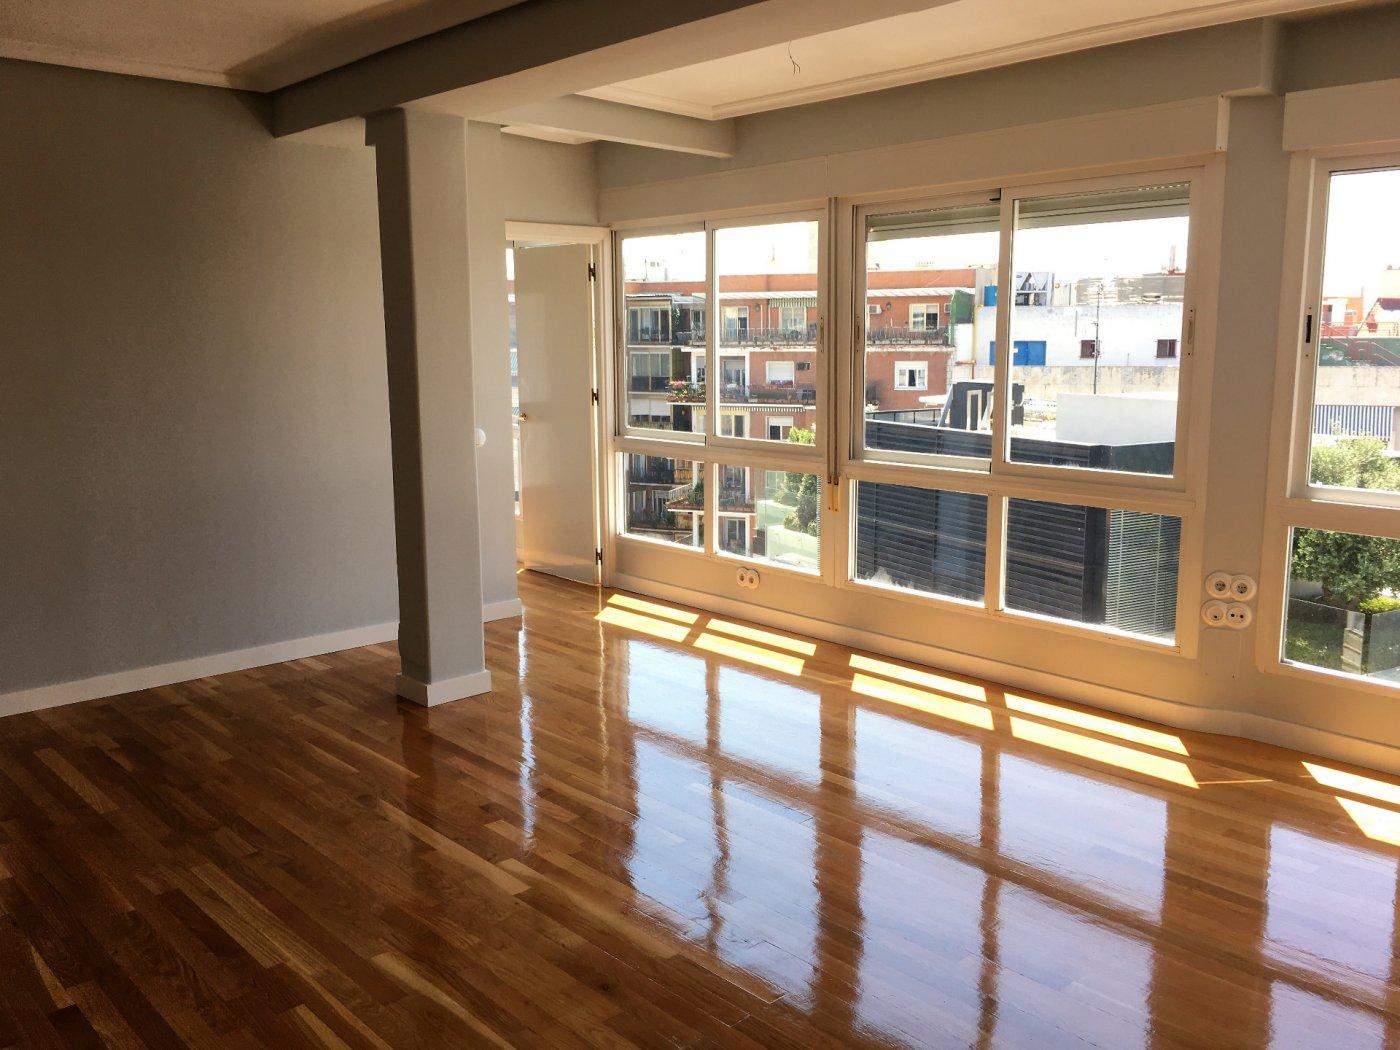 Alquiler de piso en madrid - imagenInmueble3